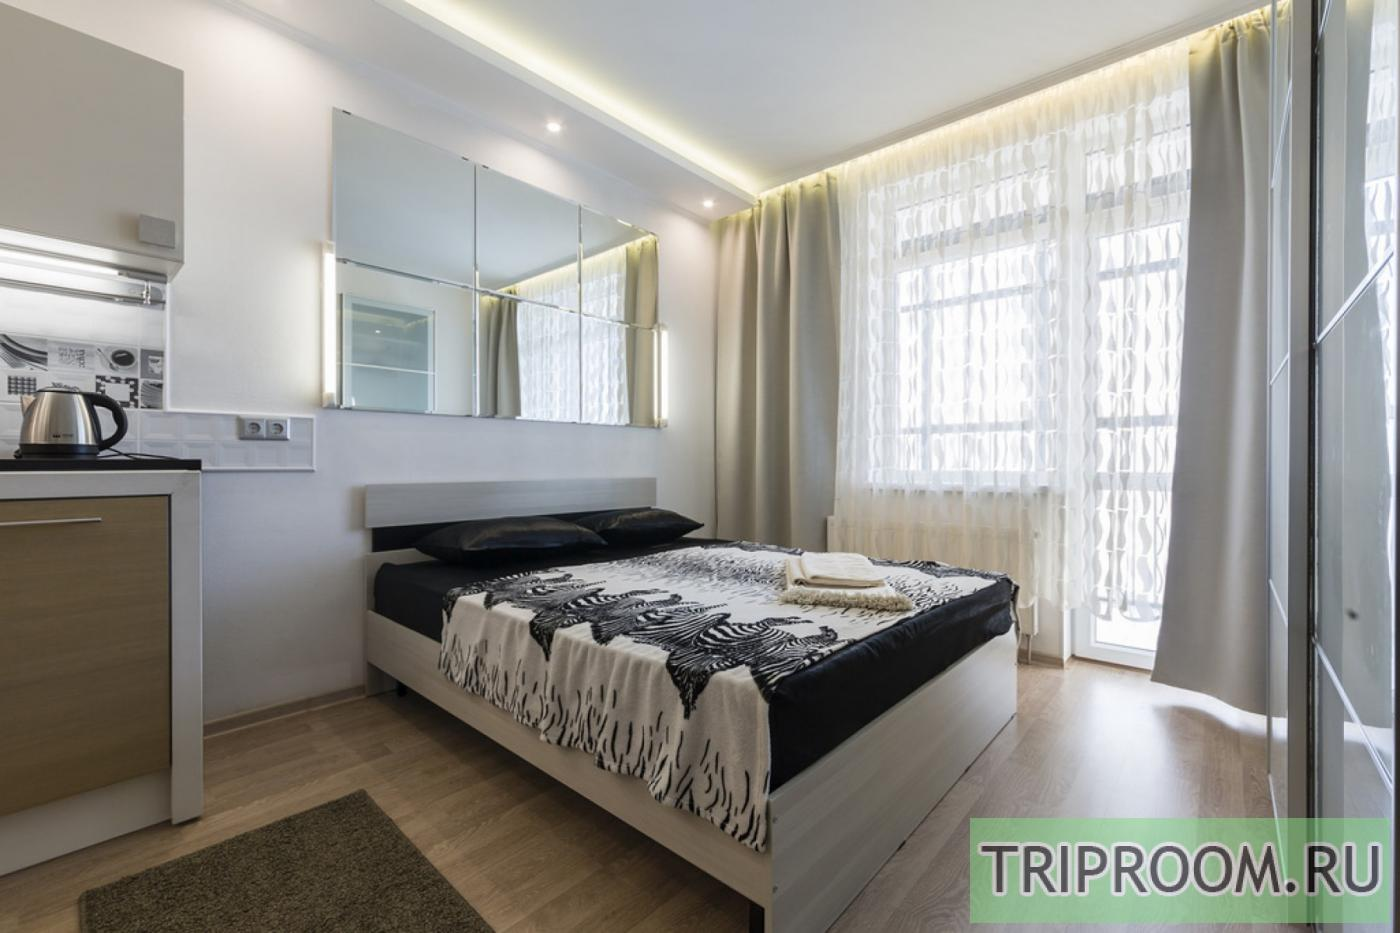 1-комнатная квартира посуточно (вариант № 18461), ул. Адмирала Черокова улица, фото № 2